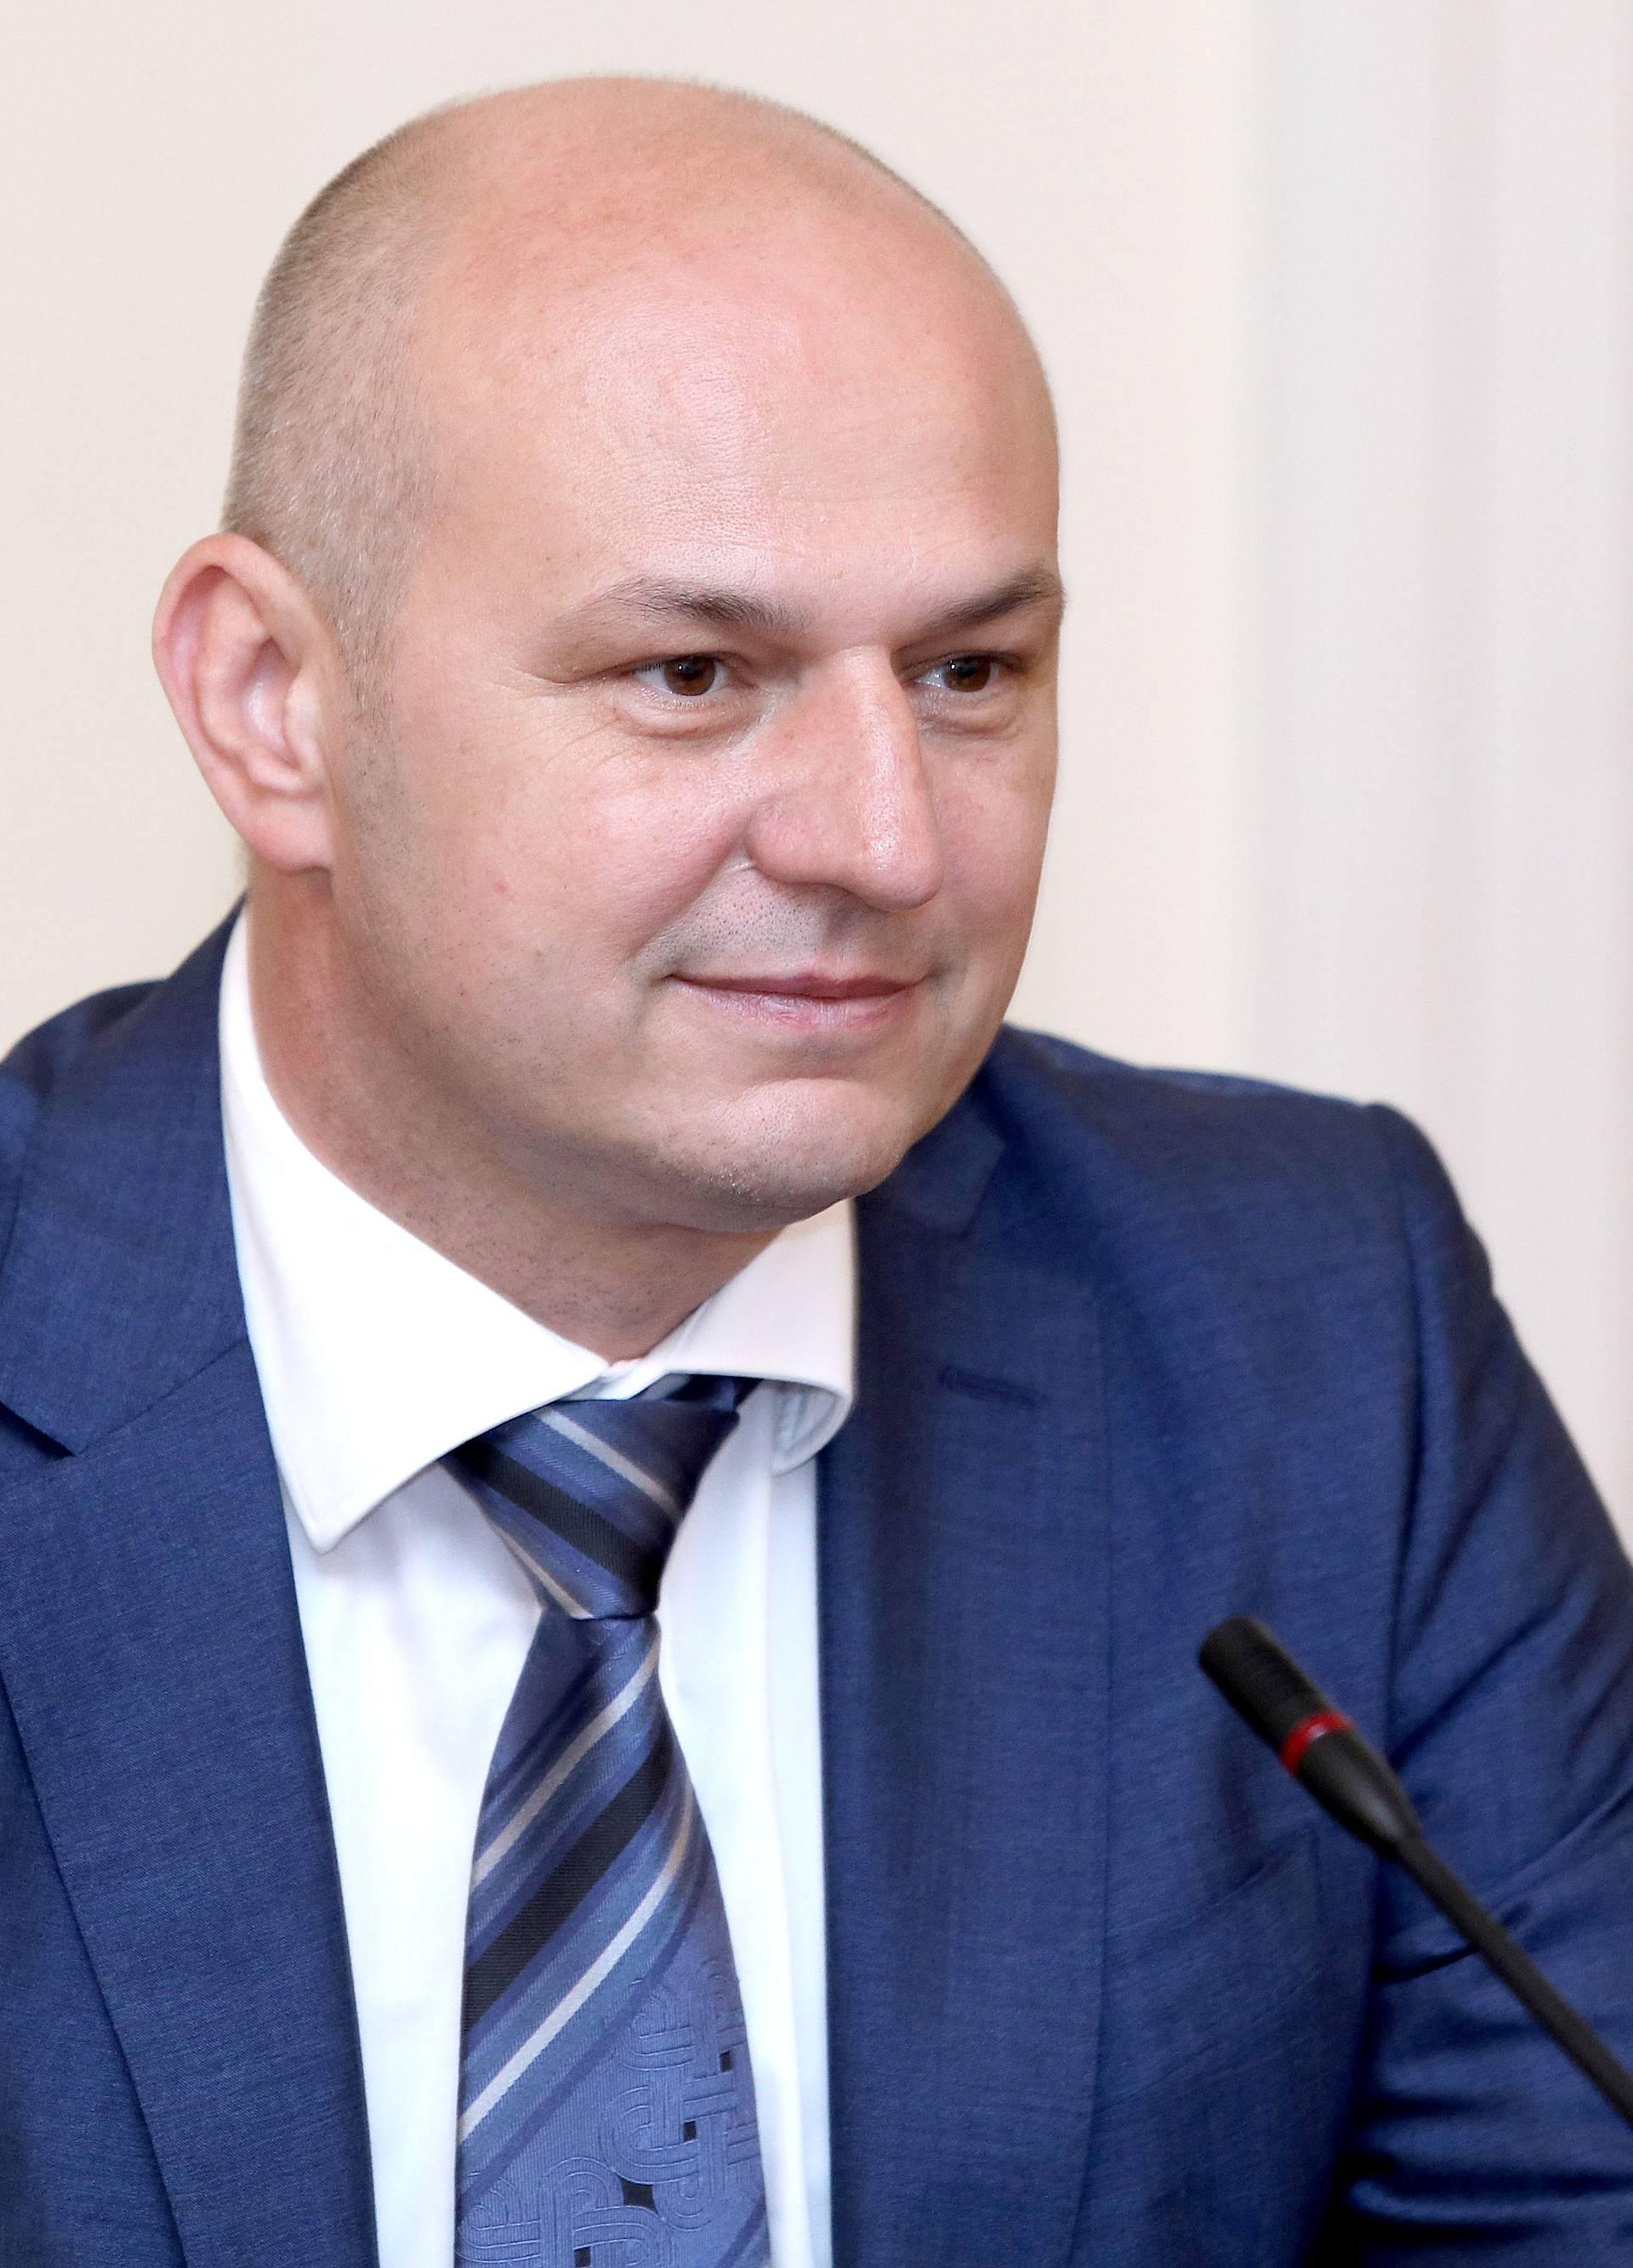 'O politici kad bude vrijeme, a s Dalijom Orešković ne pričam'